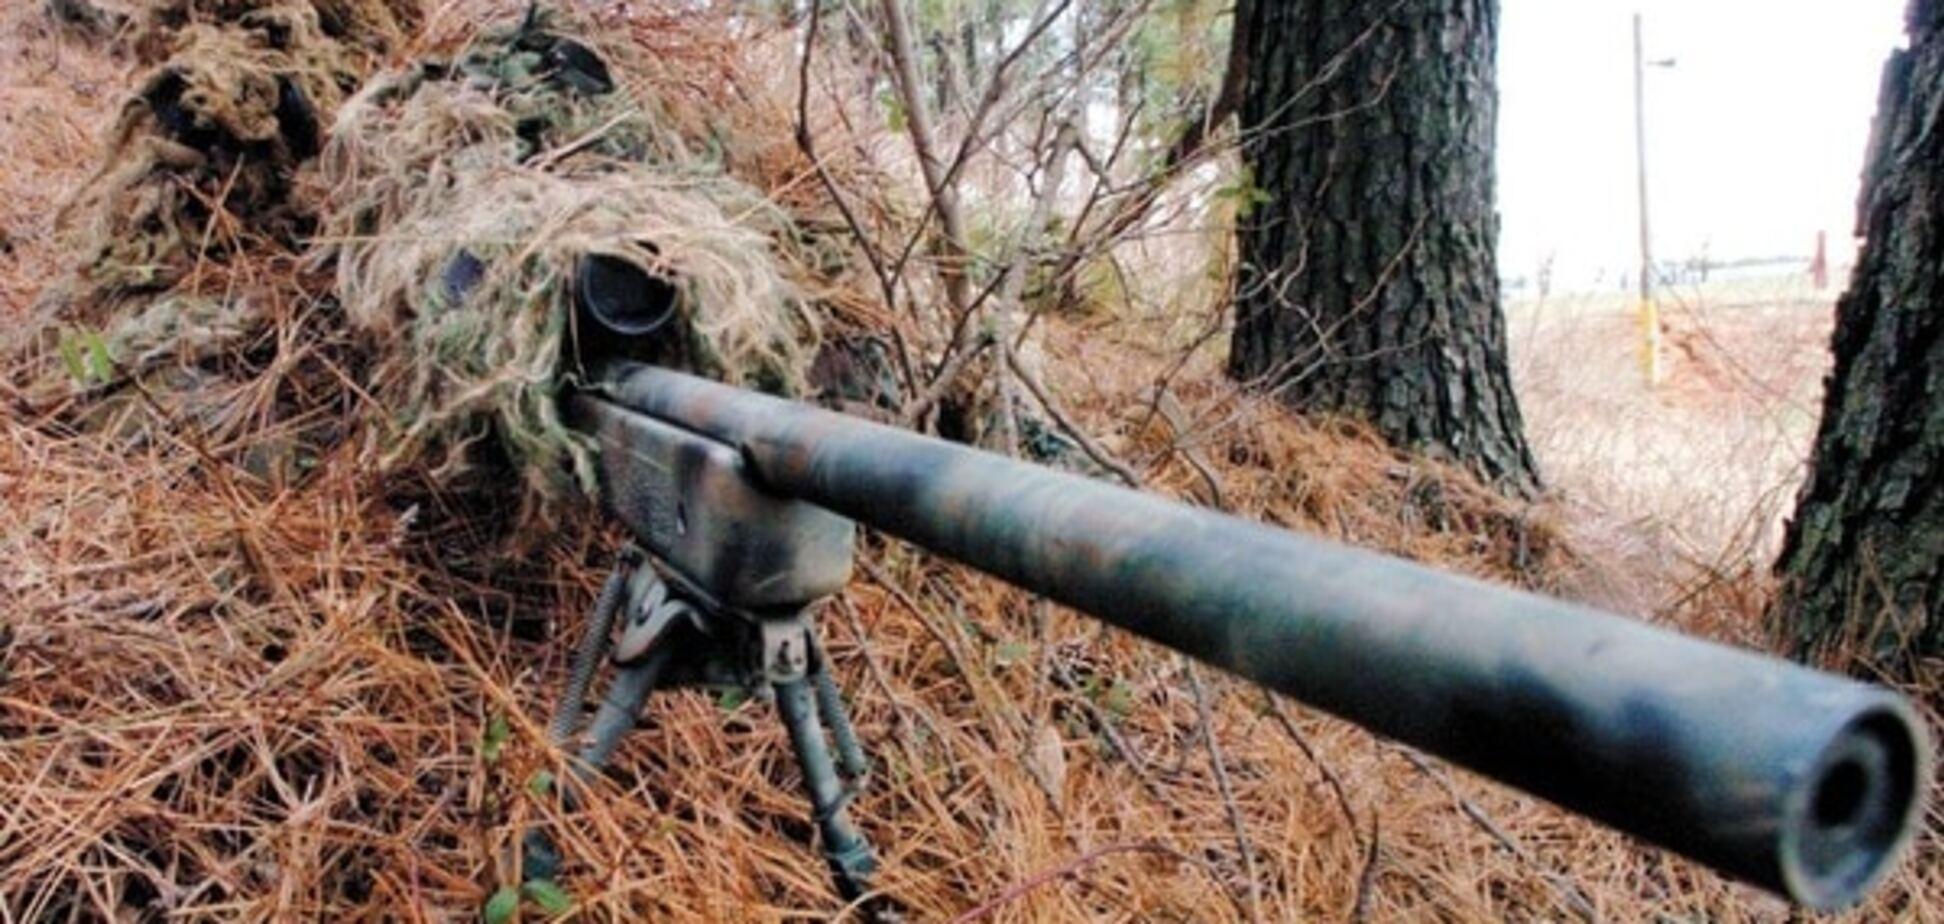 'Антиснайпери ДНР' розпочали полювання на міфічних 'снайперів НАТО' - Тимчук